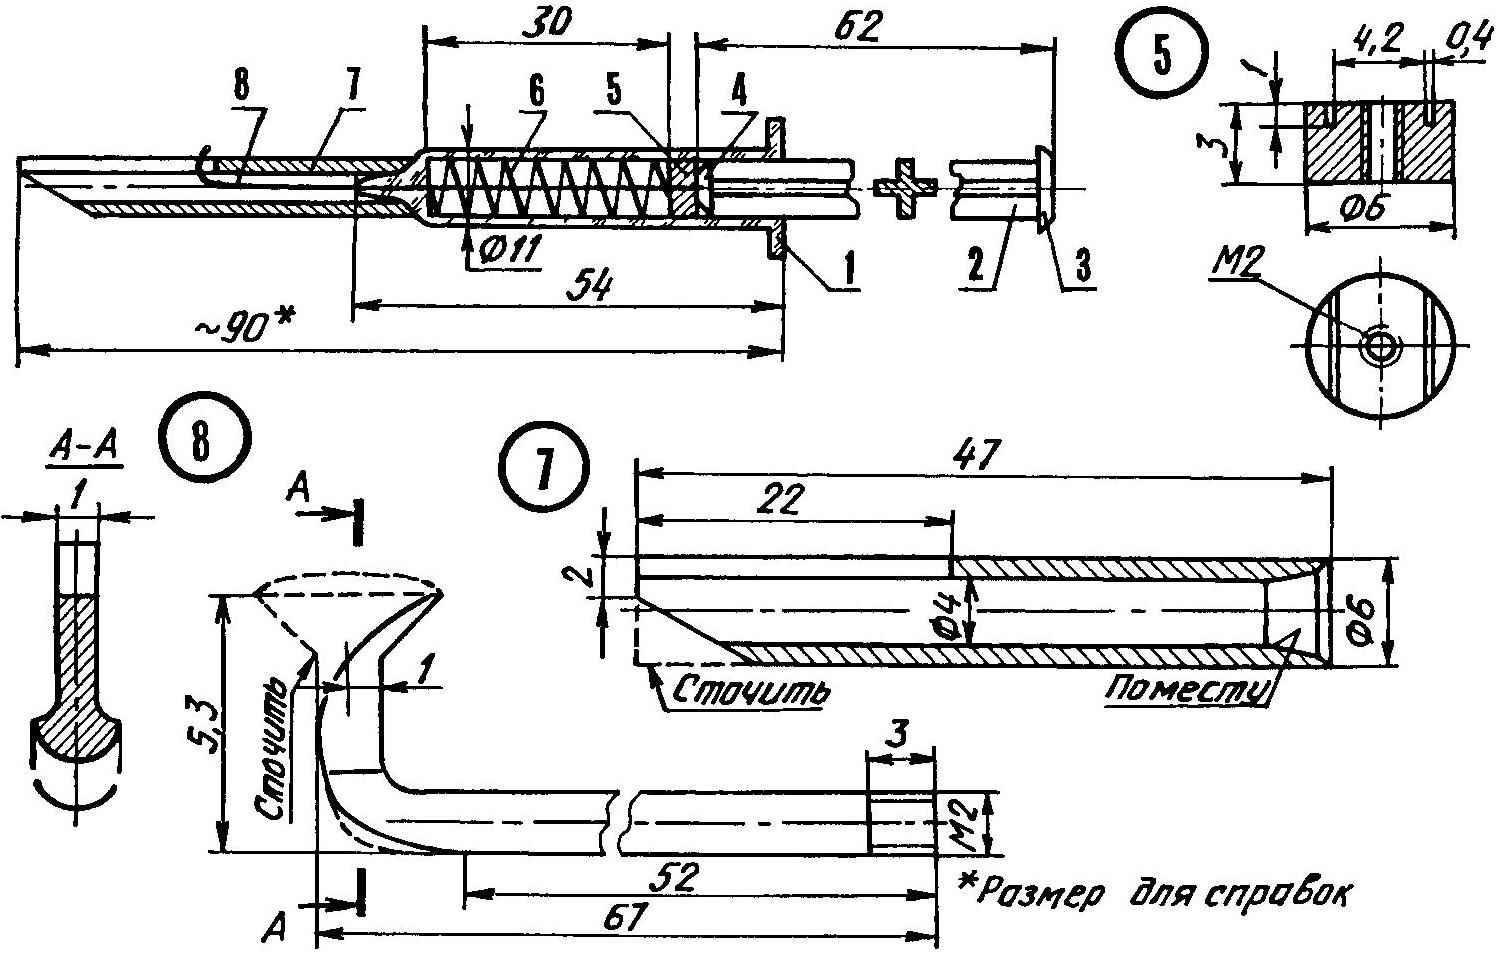 Приспособление для демонтажа радиодеталей